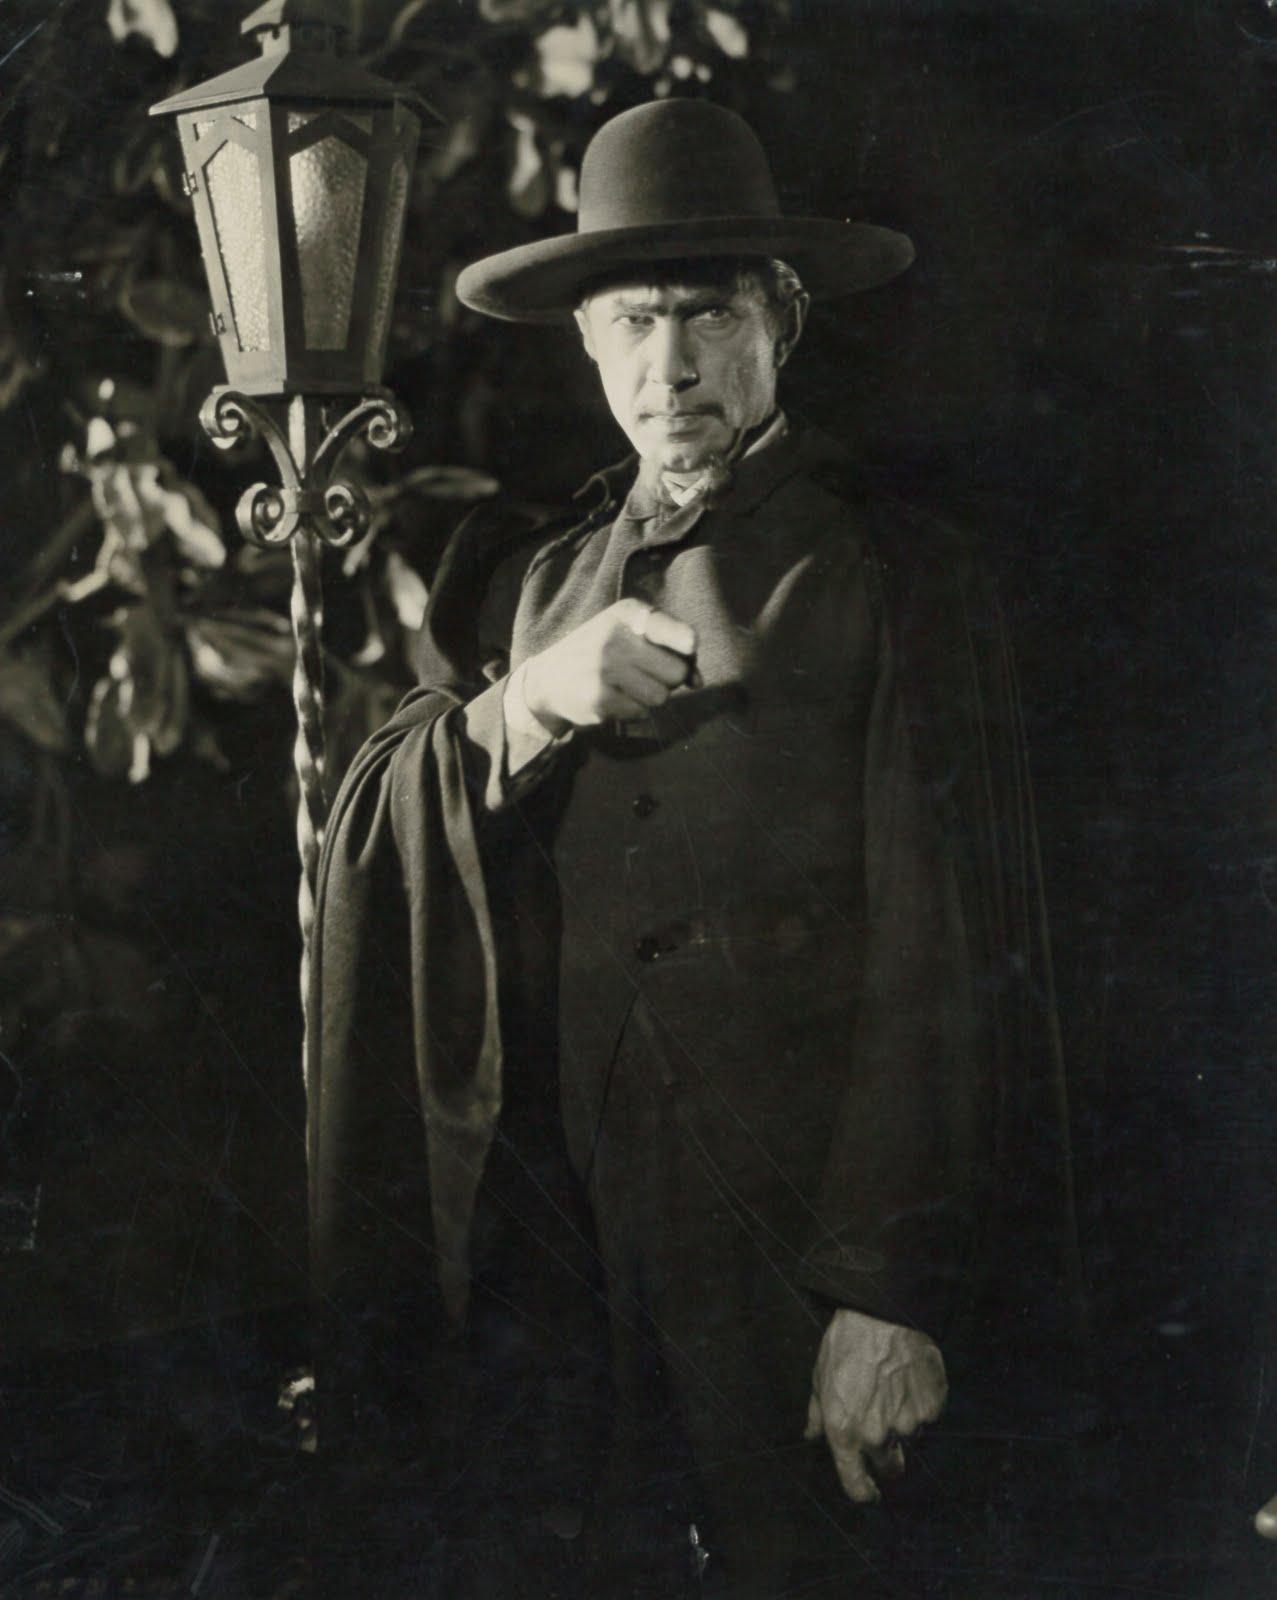 White Zombie Starring Béla Lugosi